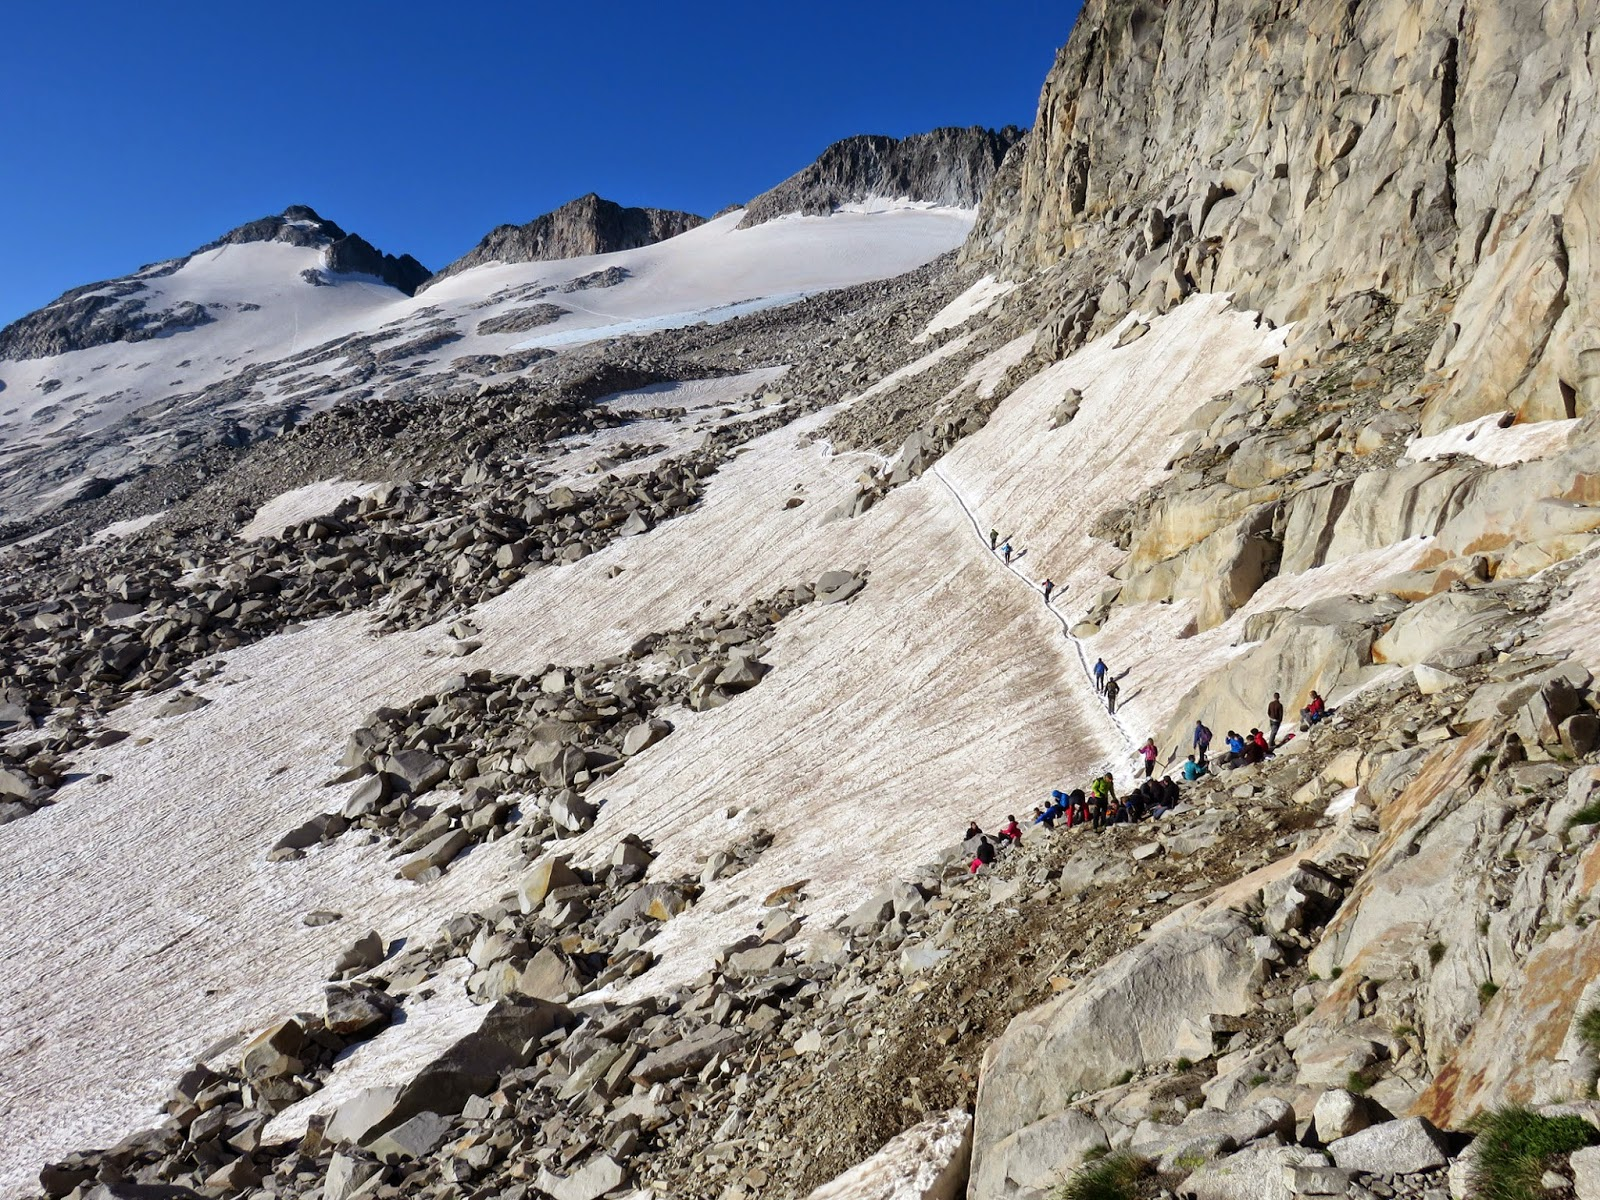 Vistas al pico Aneto y Glaciar del Aneto desde Portillón Superior.